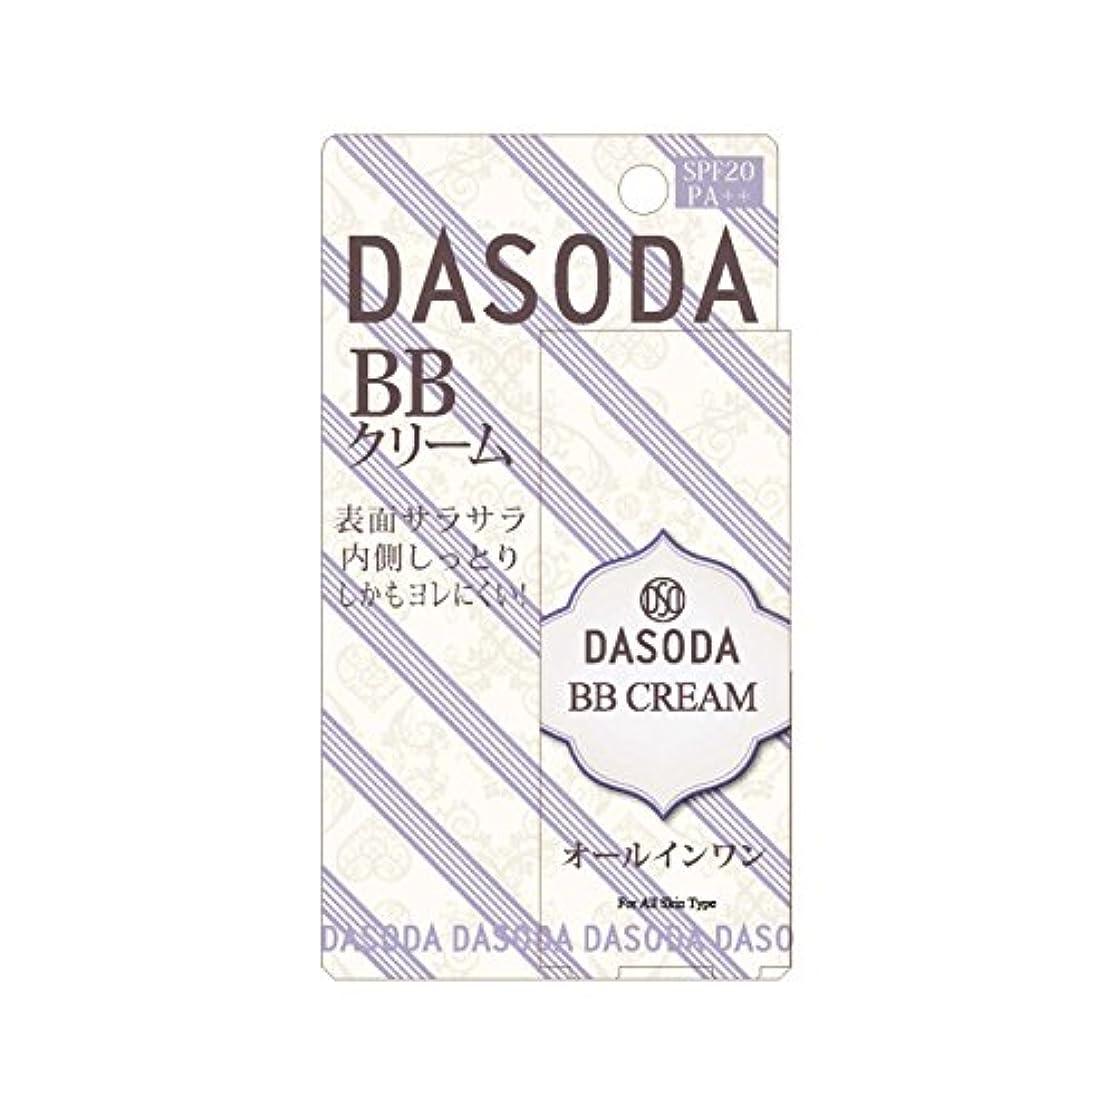 鋸歯状測定可能グラディスダソダ エフシー BBクリーム 30g